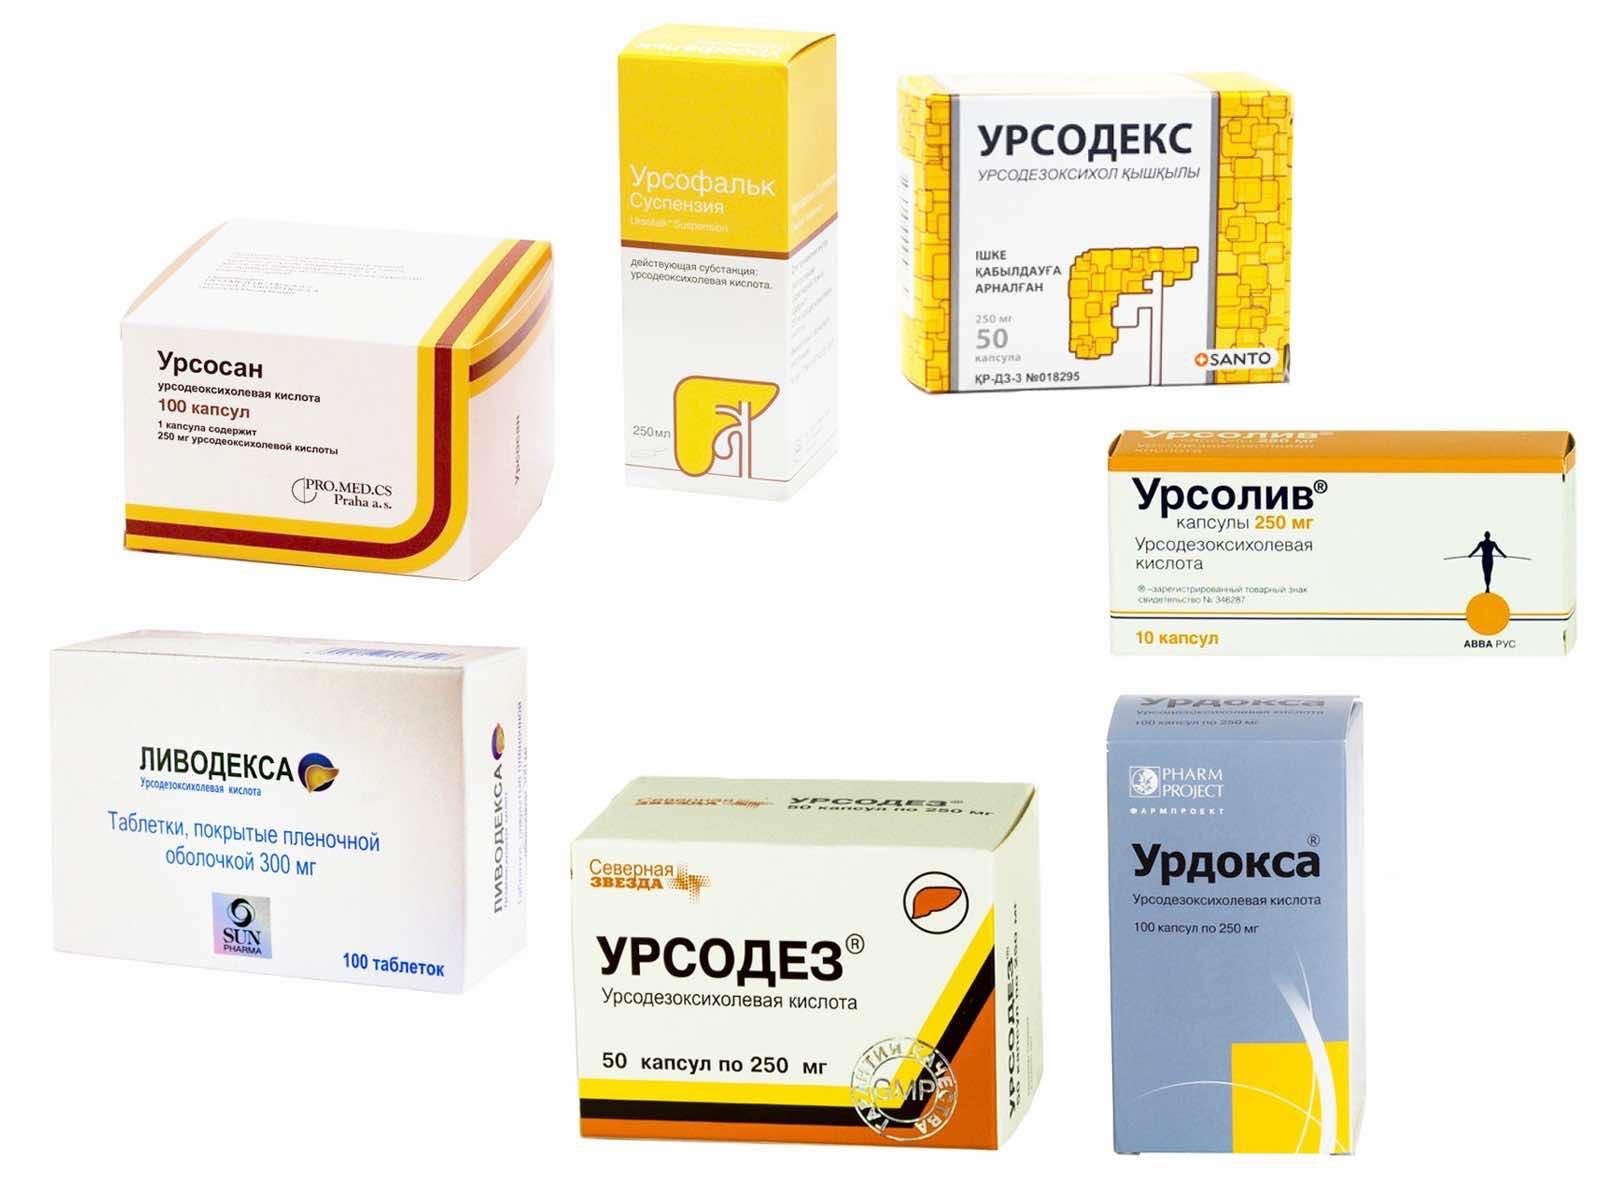 Урсофальк, хофитол и урсосан для новорожденных, можно ли принимать препараты одновременно, мнение врачей о медикаментах, в чем разница | s-voi.ru